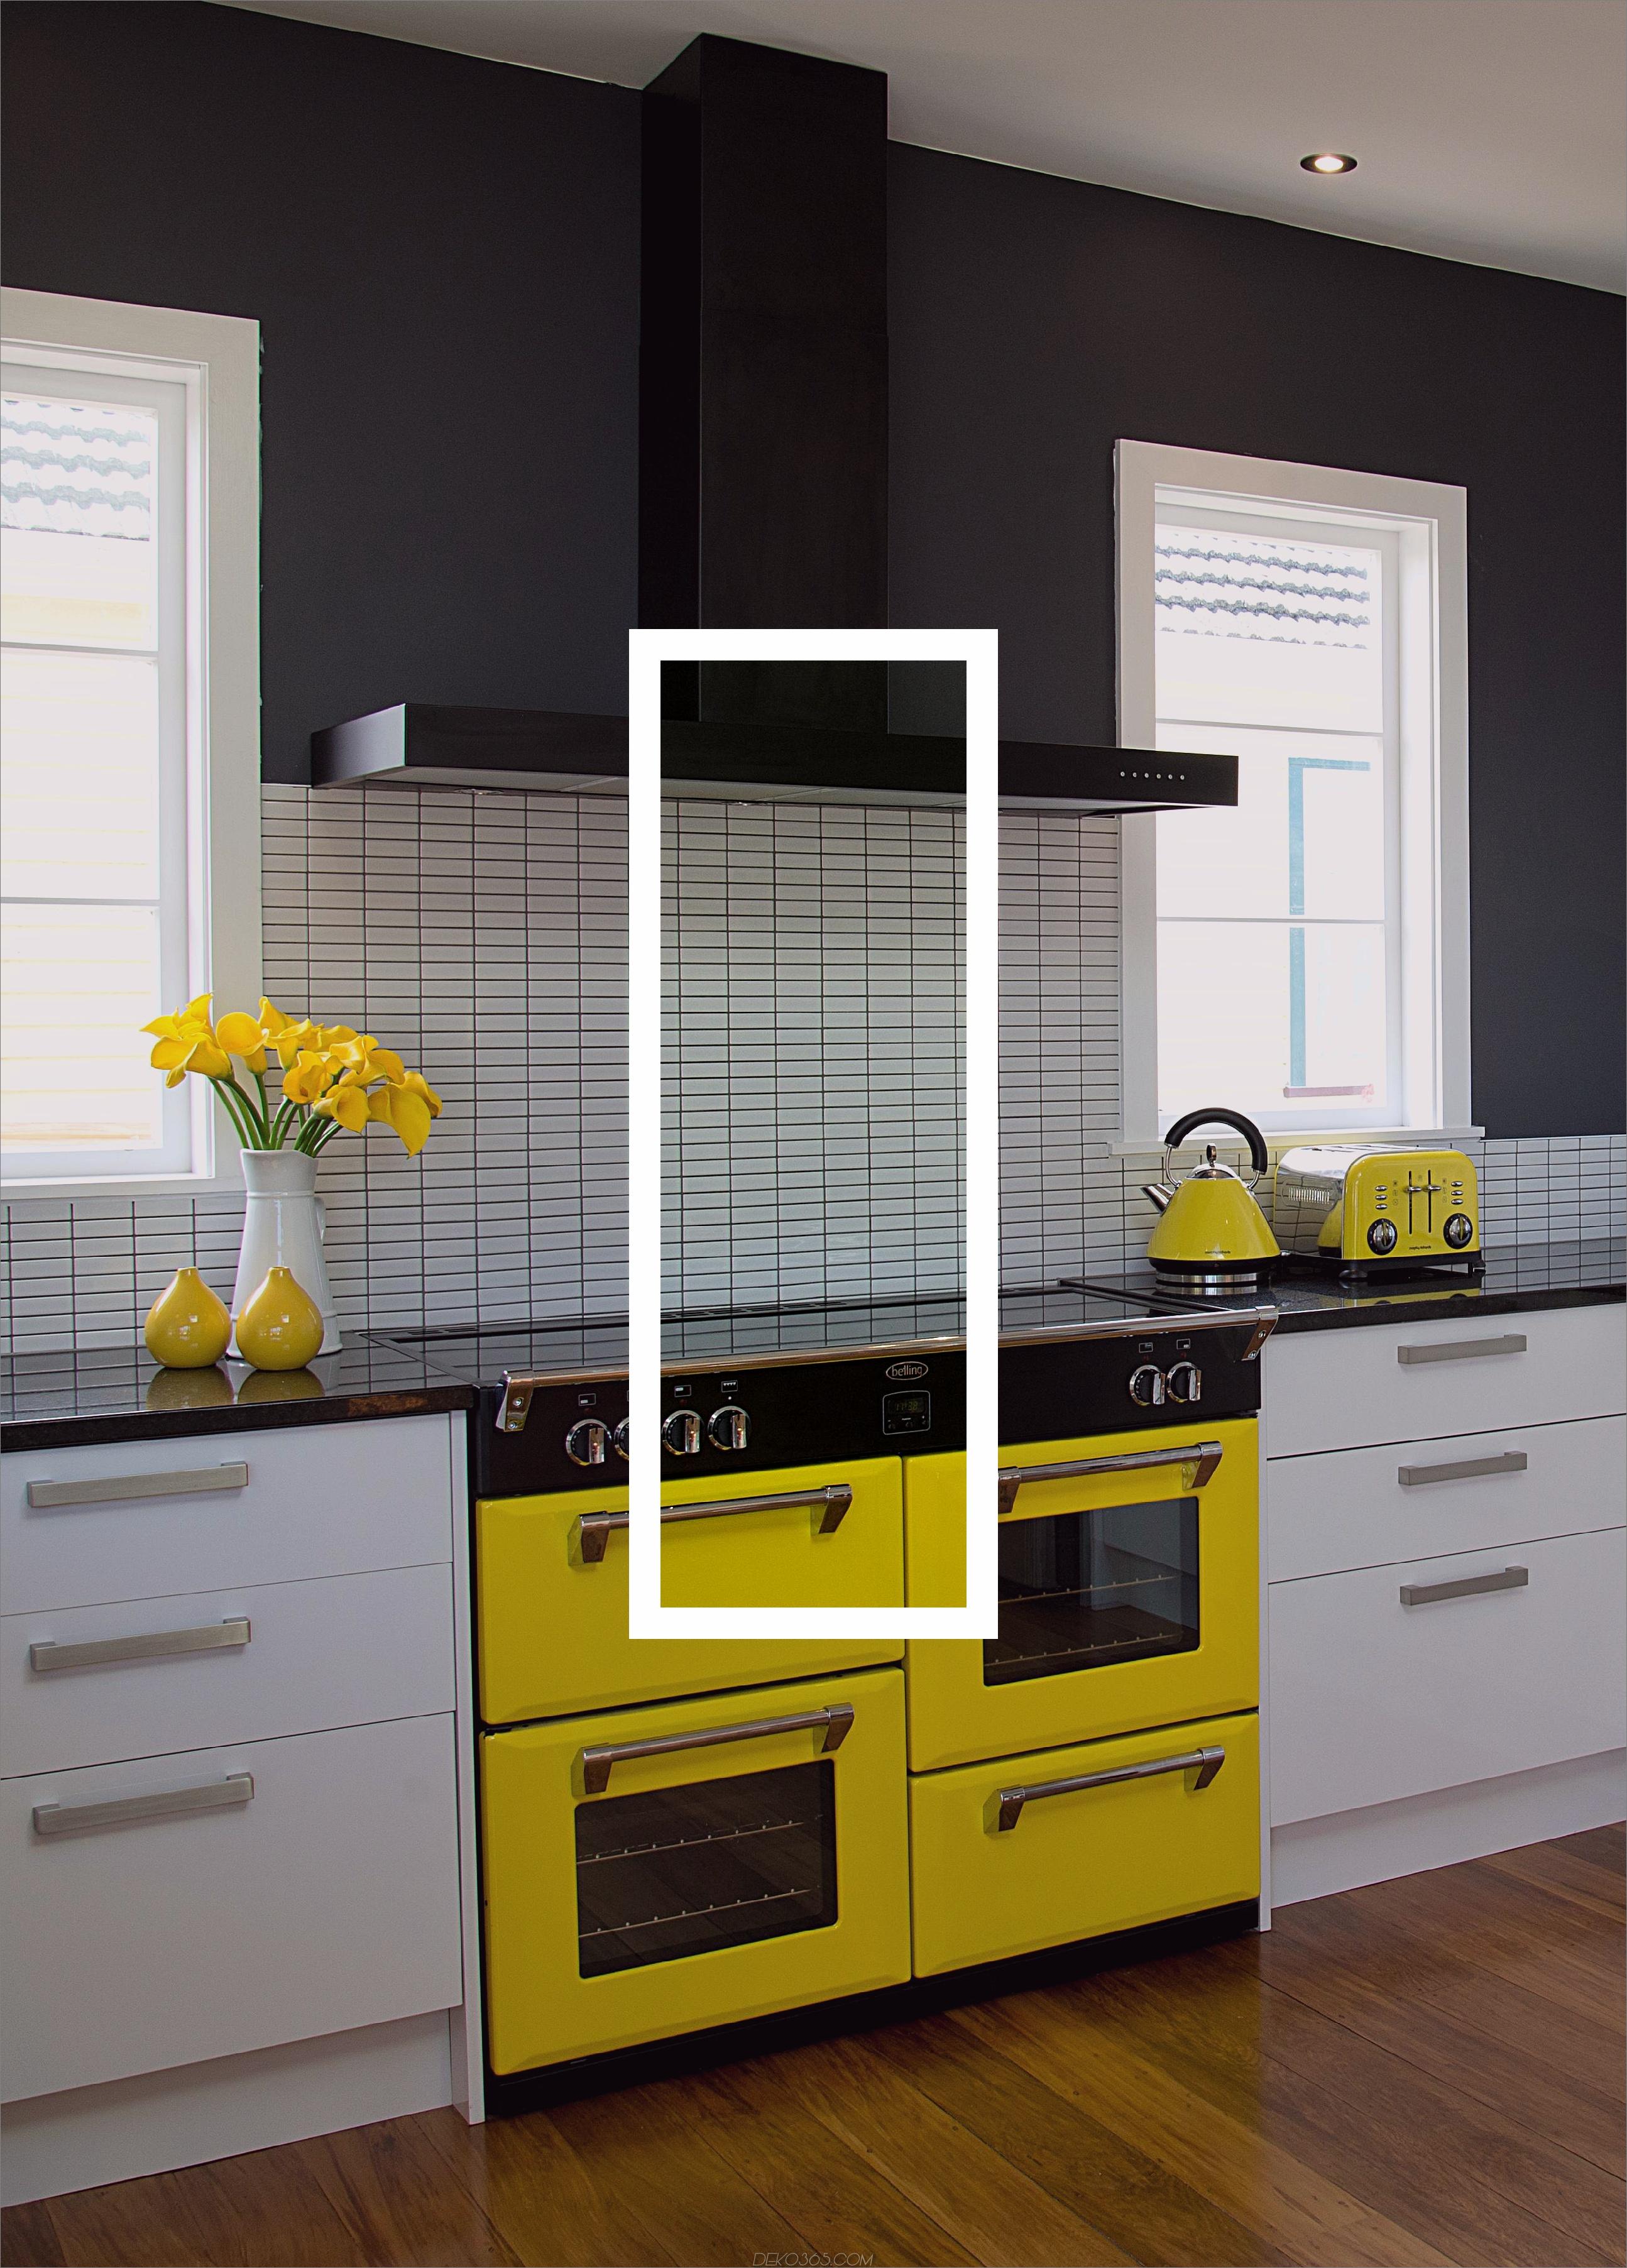 Gelbe Geräte 11 Gelbe Küchenideen, die Ihr Zuhause aufhellen